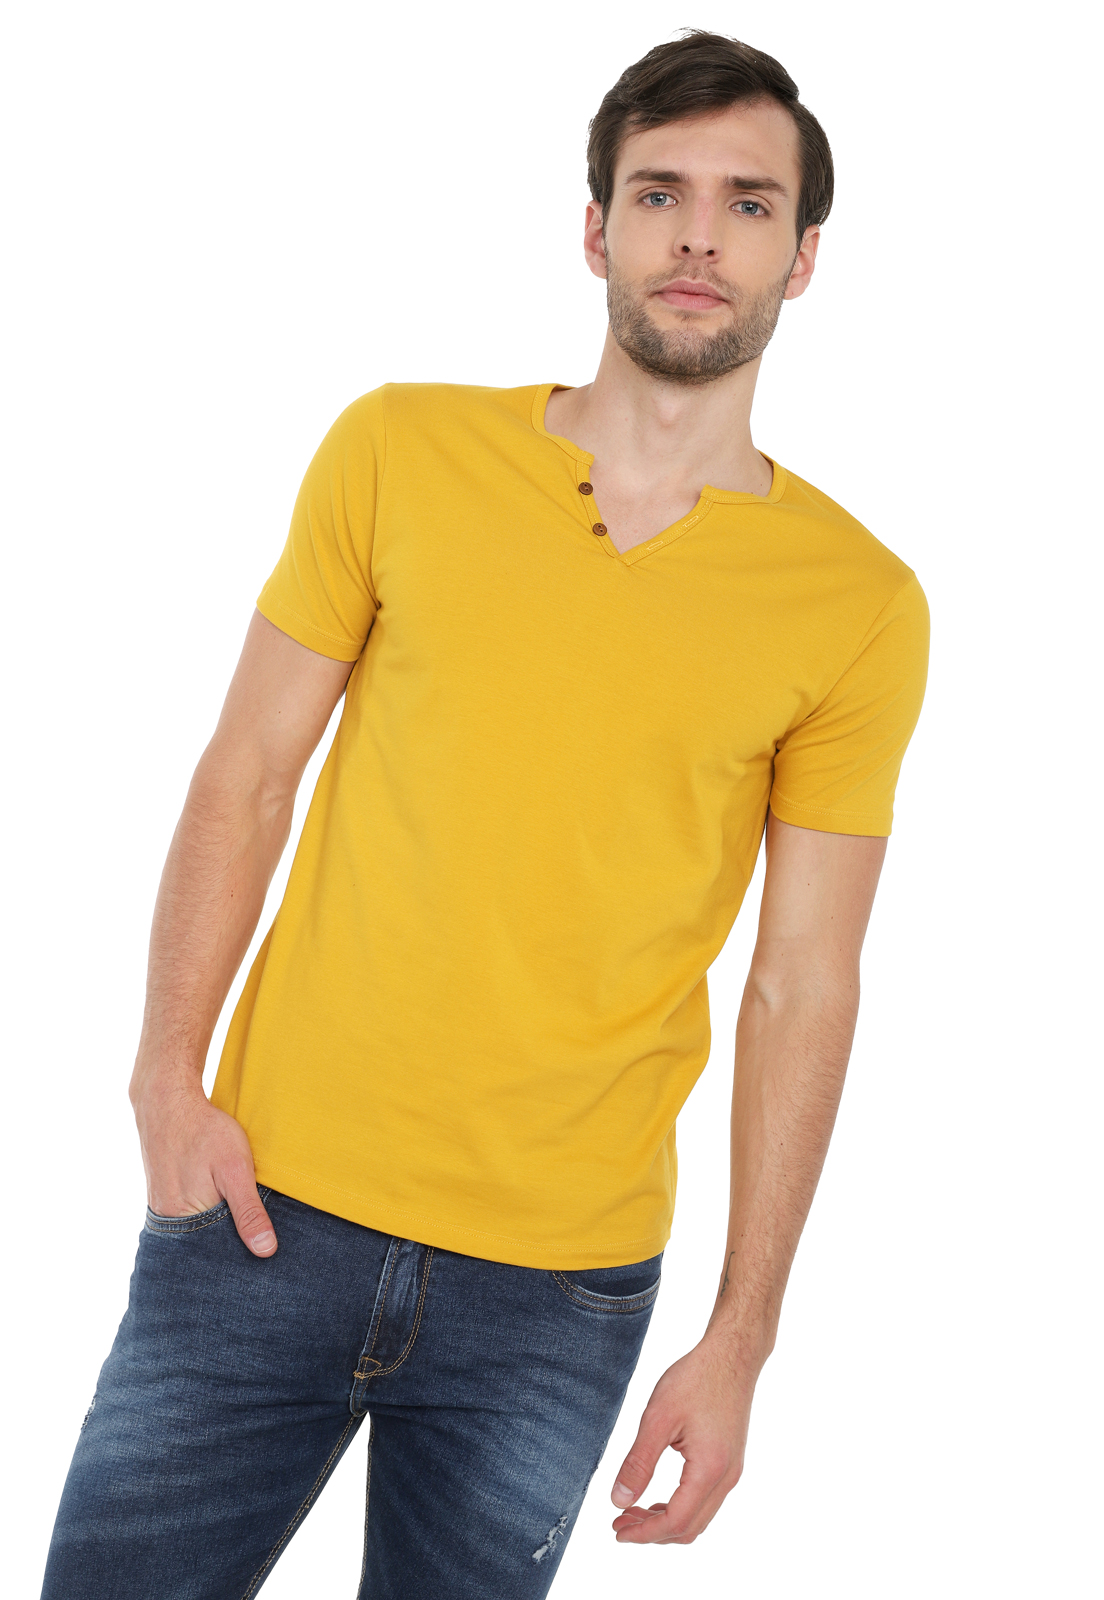 Camiseta Con Botones Licrada - Mostaza | Polovers